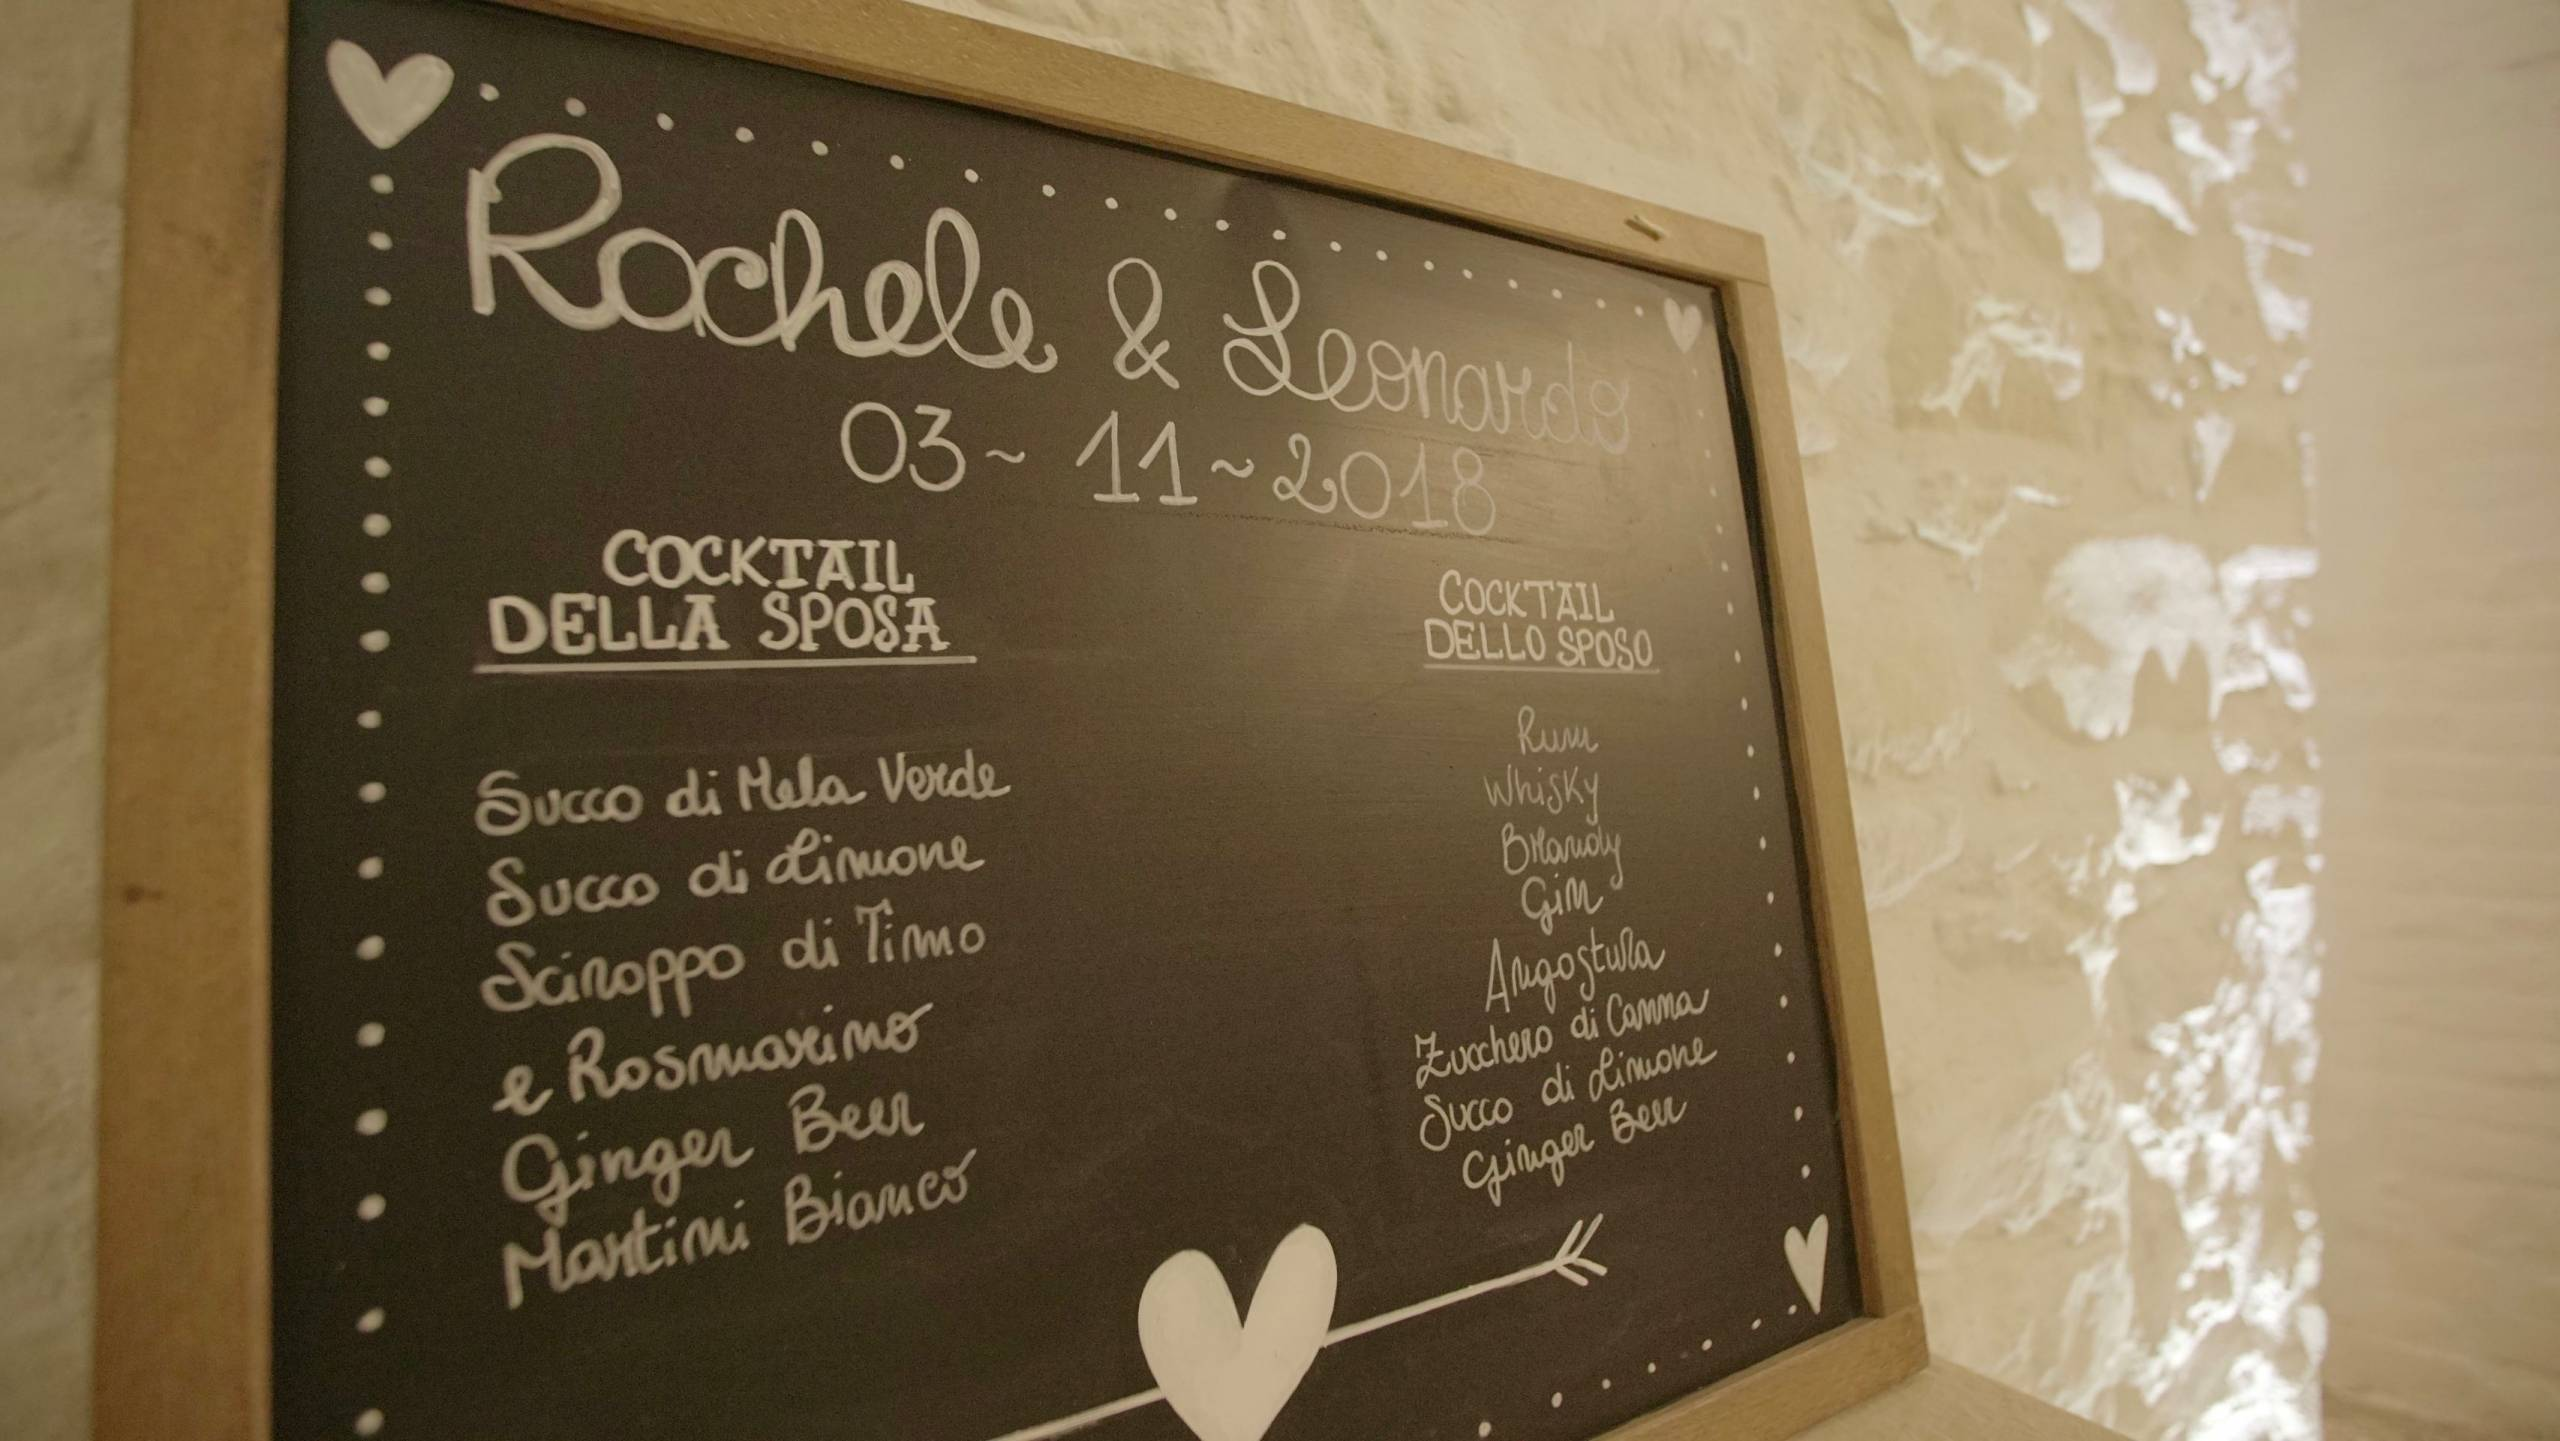 foto lavagnetta de il menu della serata